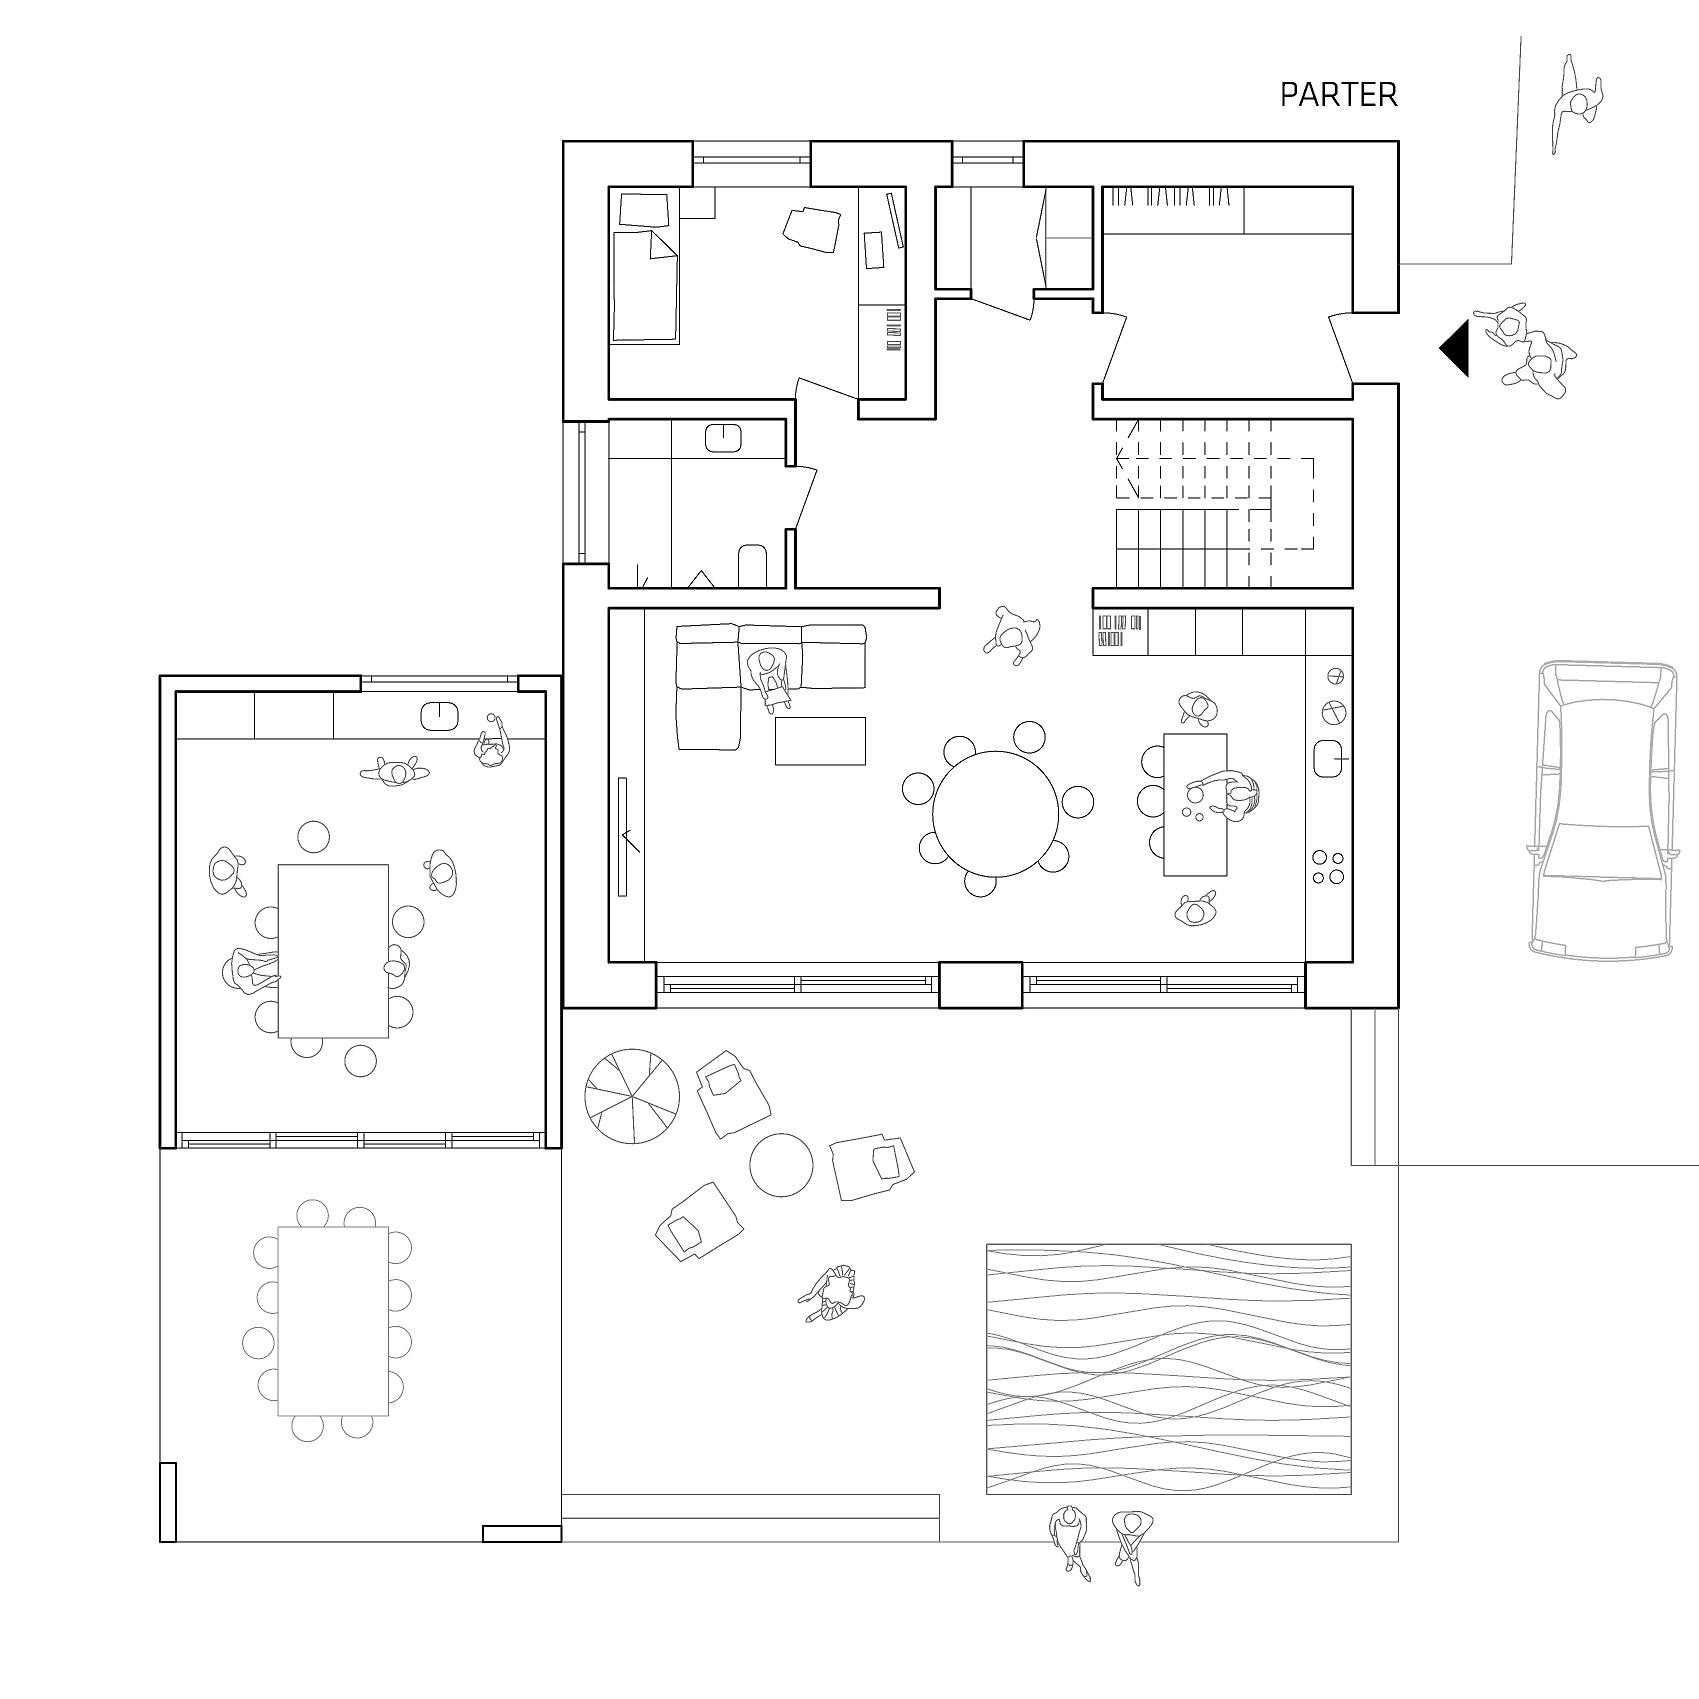 01 PIETRO ARCHITEKT | SENSEGROUP | PSZCZYNA